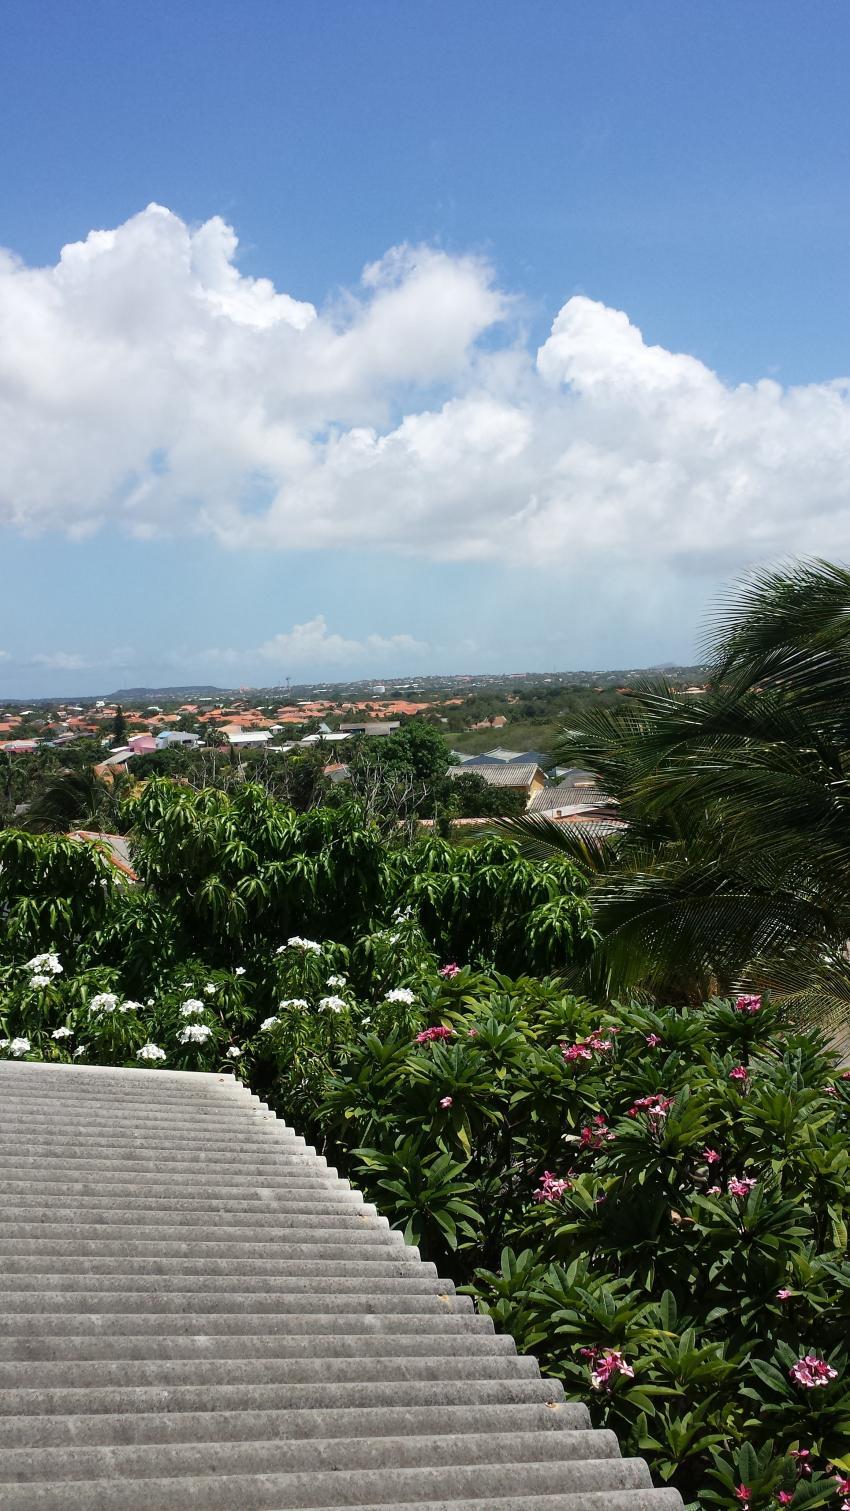 Aussicht auf die Insel 2, Diving Curacao (Kashimiri Apartments), Niederländische Antillen, Curaçao